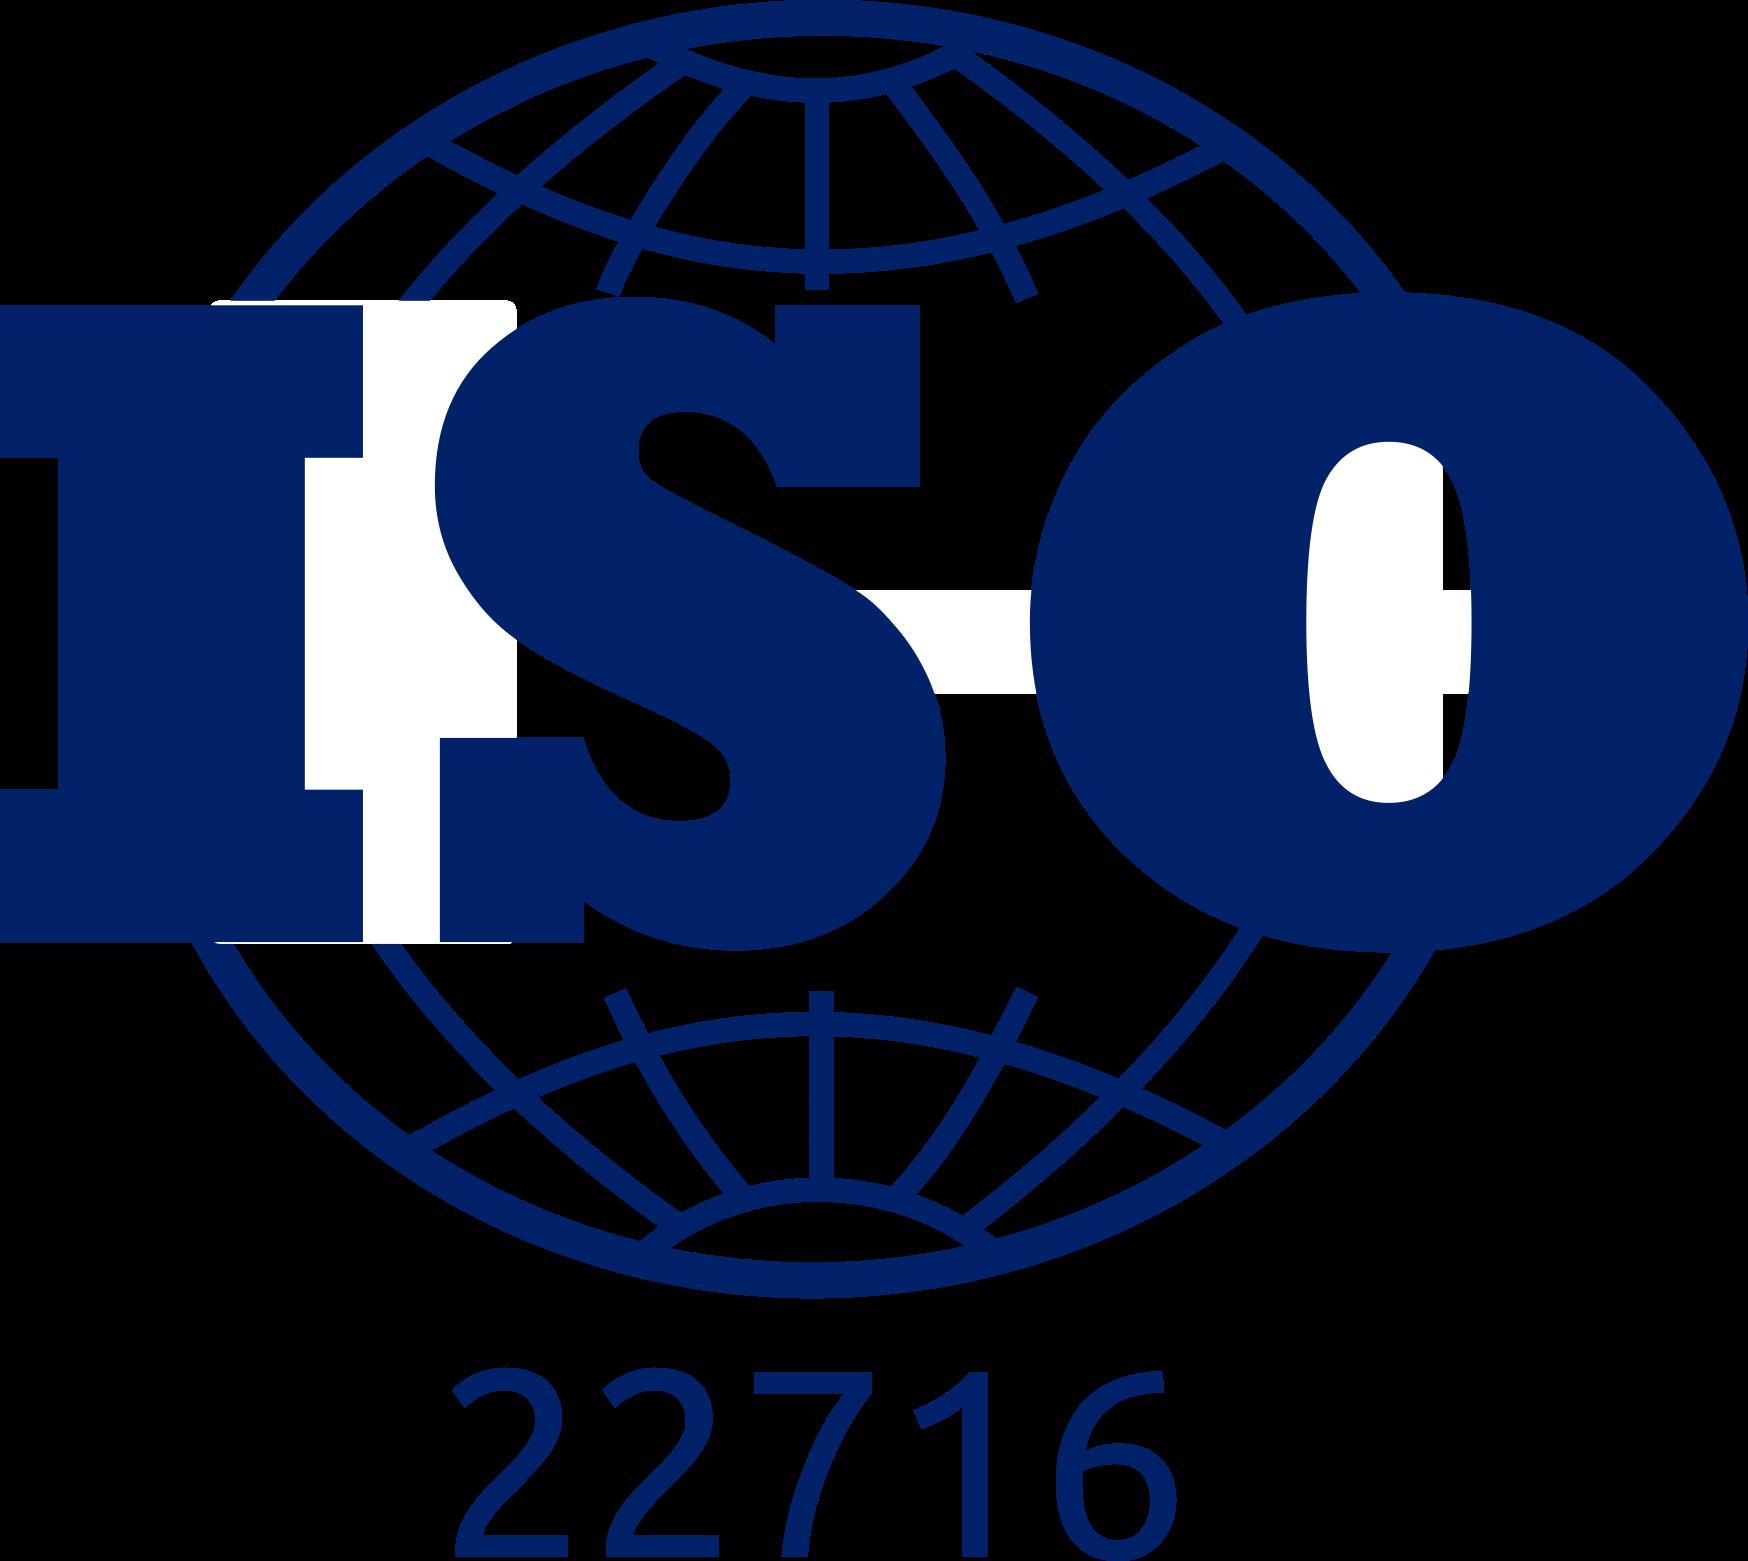 Certificado ISO 22716